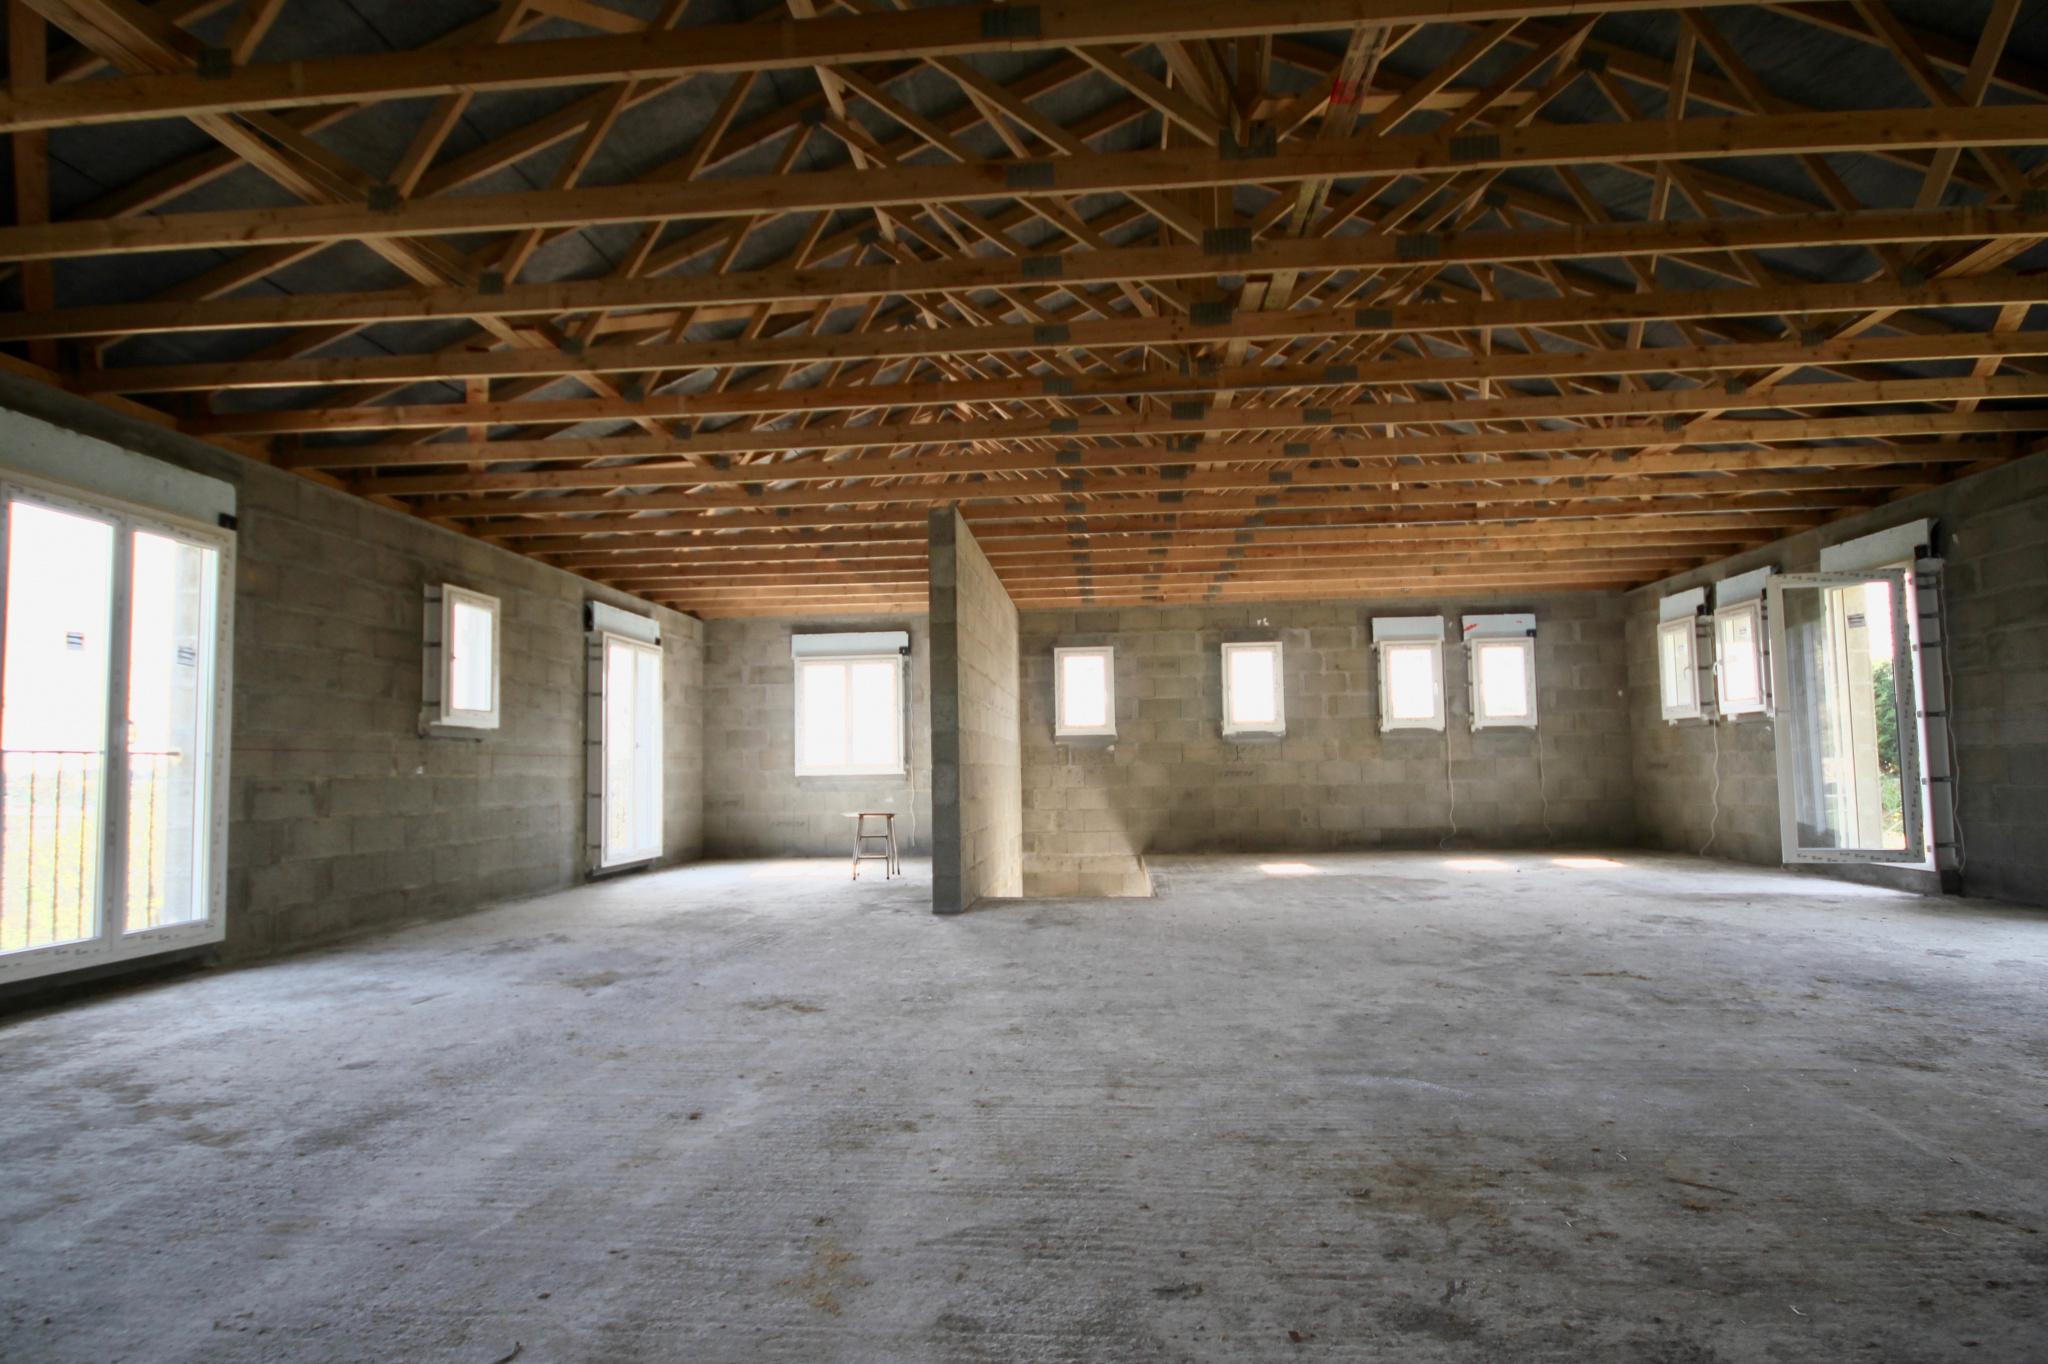 Vente ampuis maison hors d 39 eau hors d 39 air 150m2 hab environ sur 658m2 de terrain - Assurance maison hors d eau hors d air ...